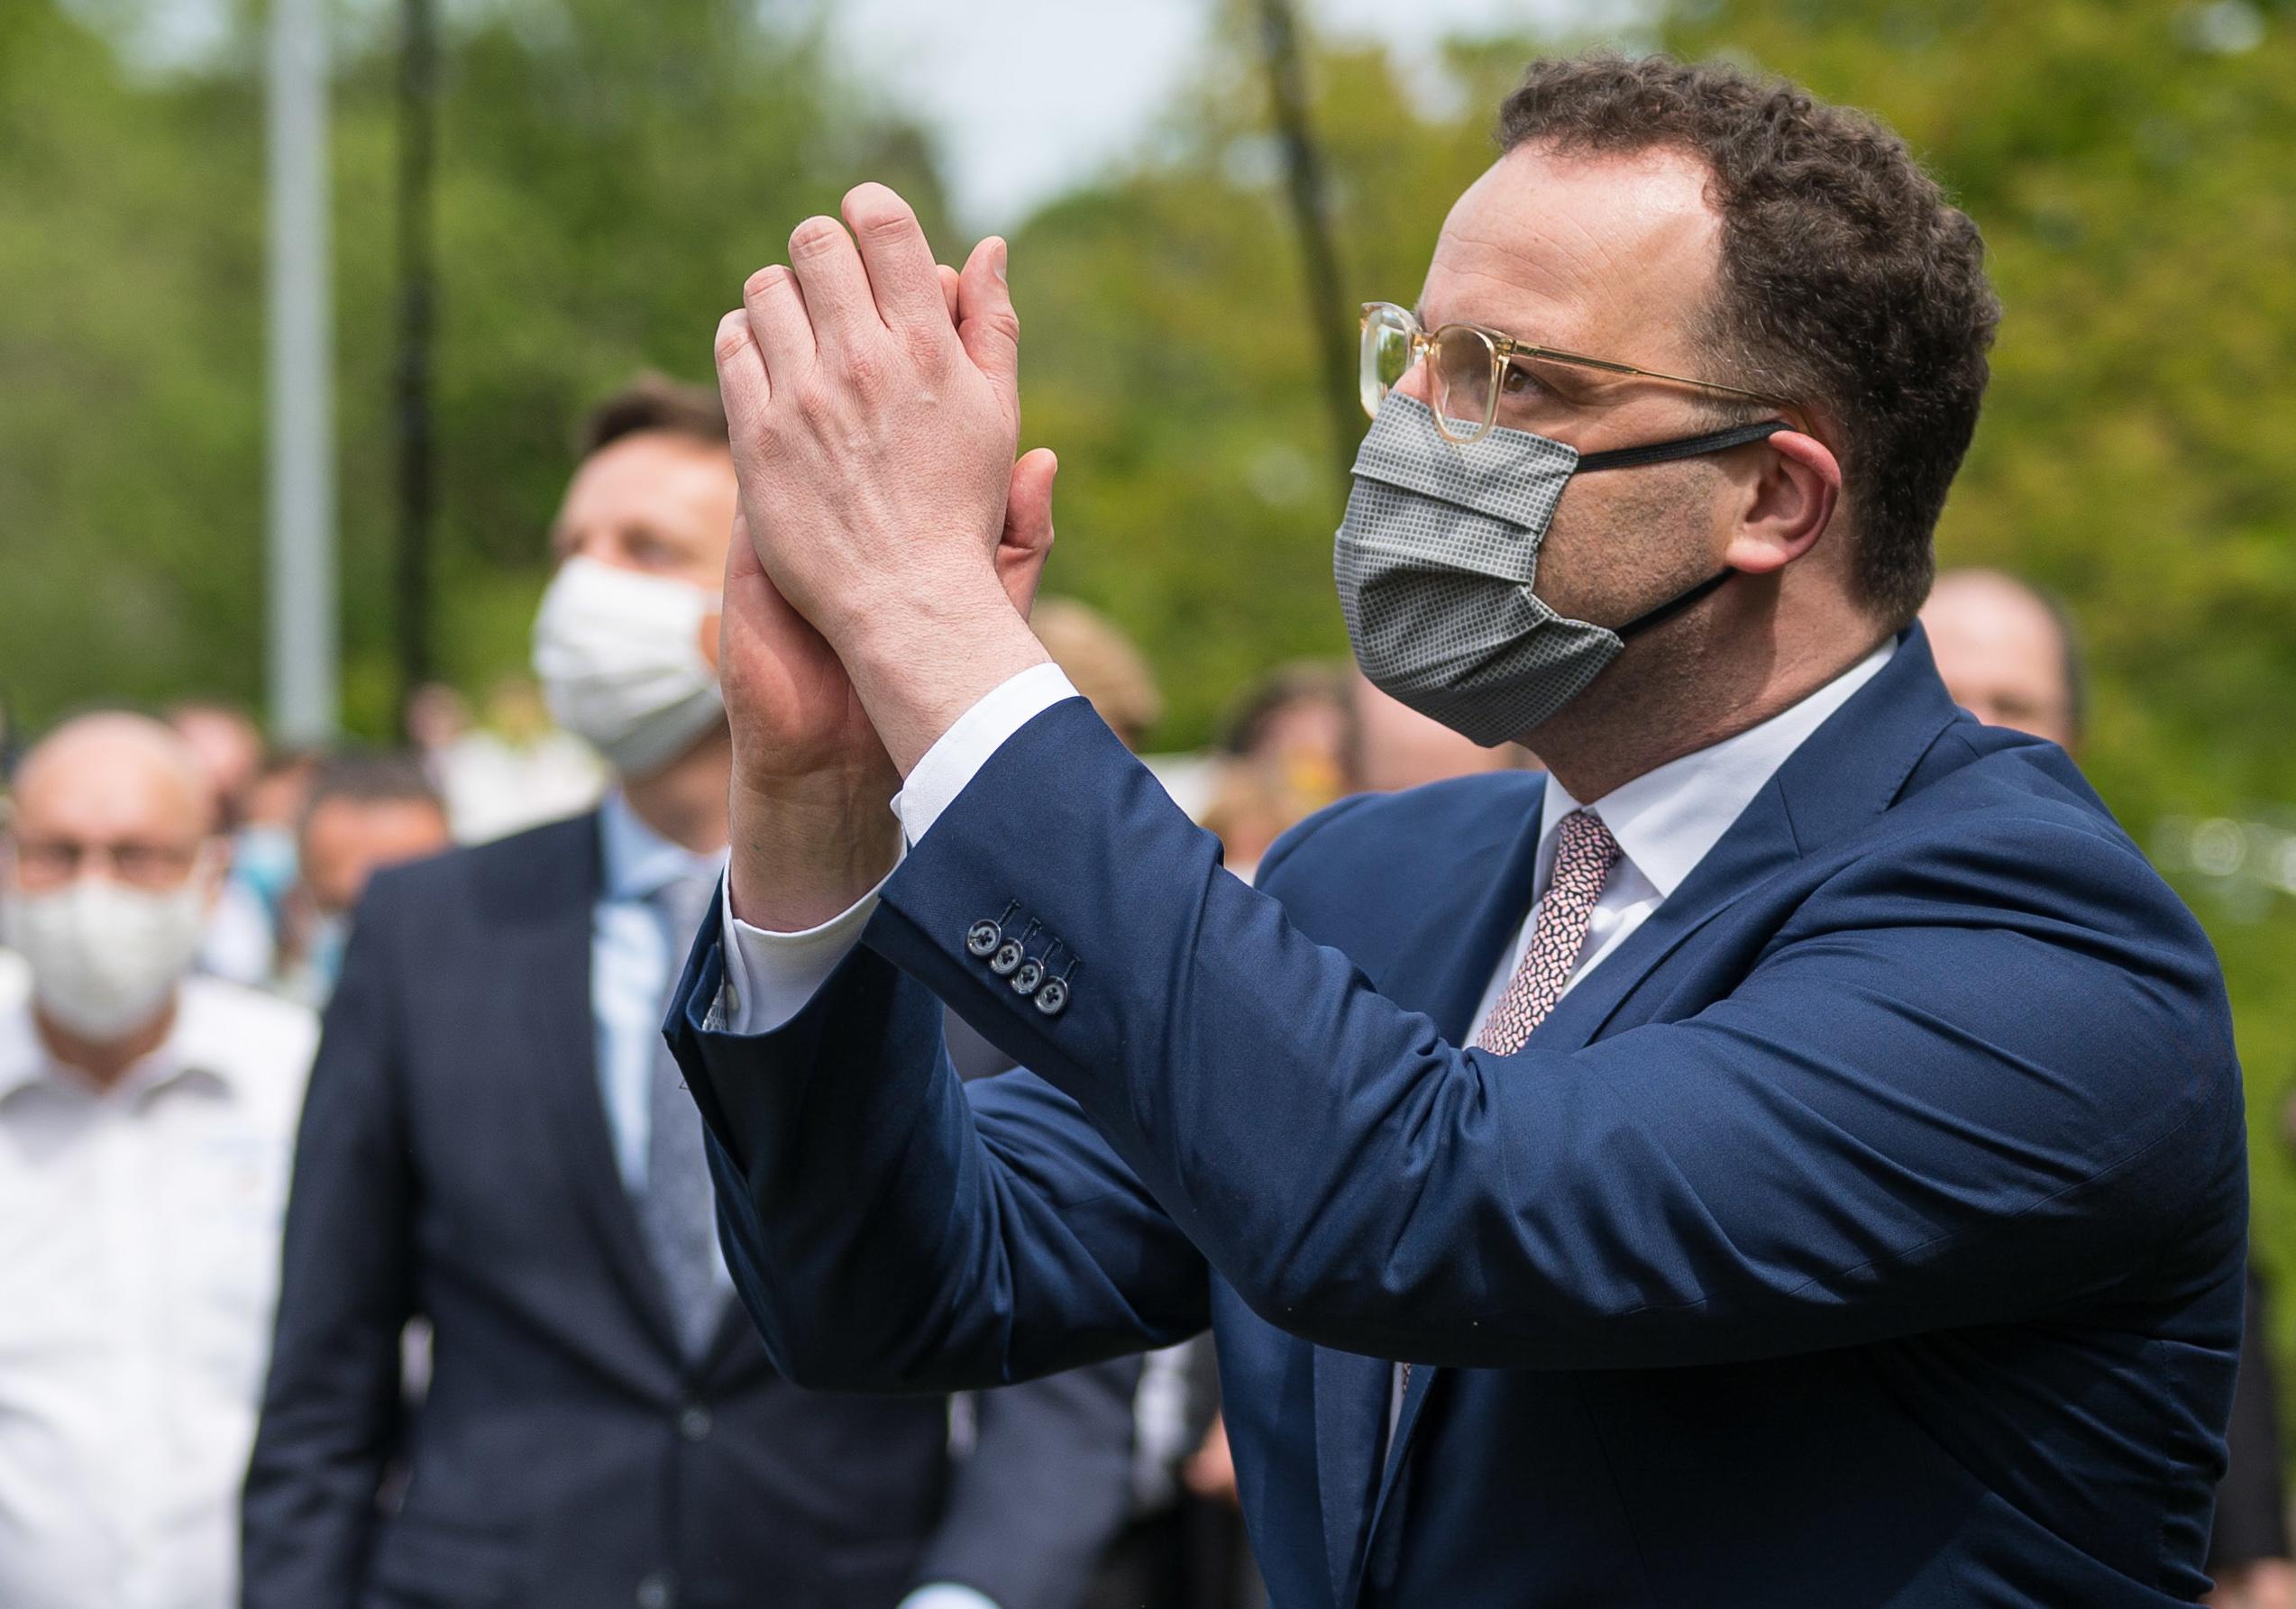 Στηρίζει Τραμπ ο Γερμανός υπ. Υγείας: Αλλαγές στη διοίκηση και τη διαφάνεια του ΠΟΥ